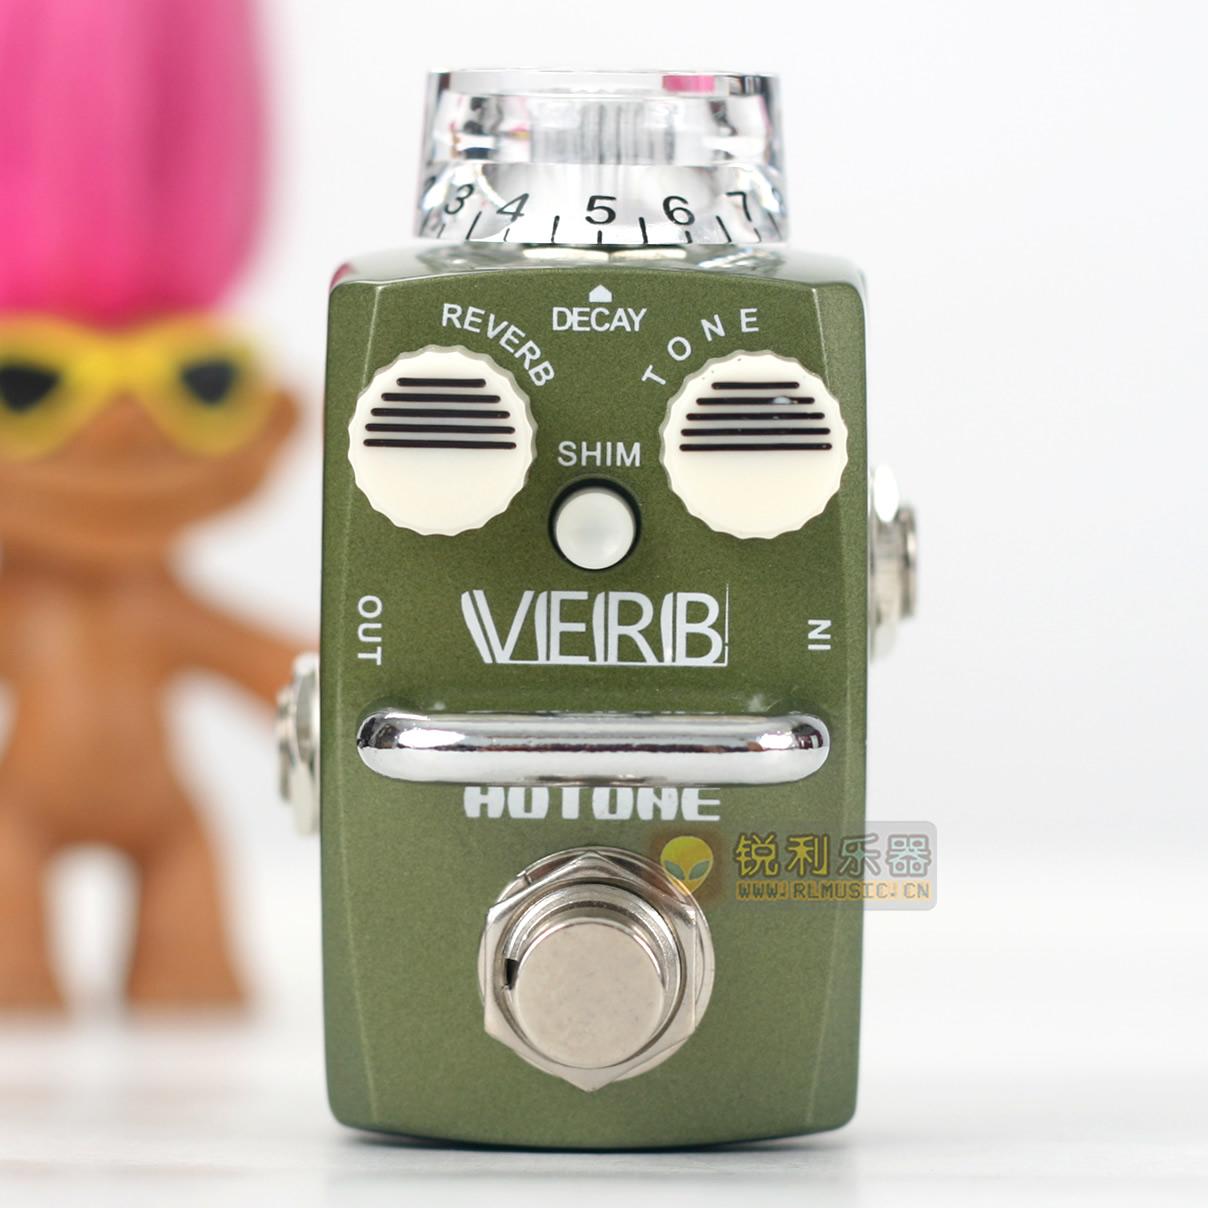 【Hotone Verb Reverb】幻音混响效果器【锐利乐器】